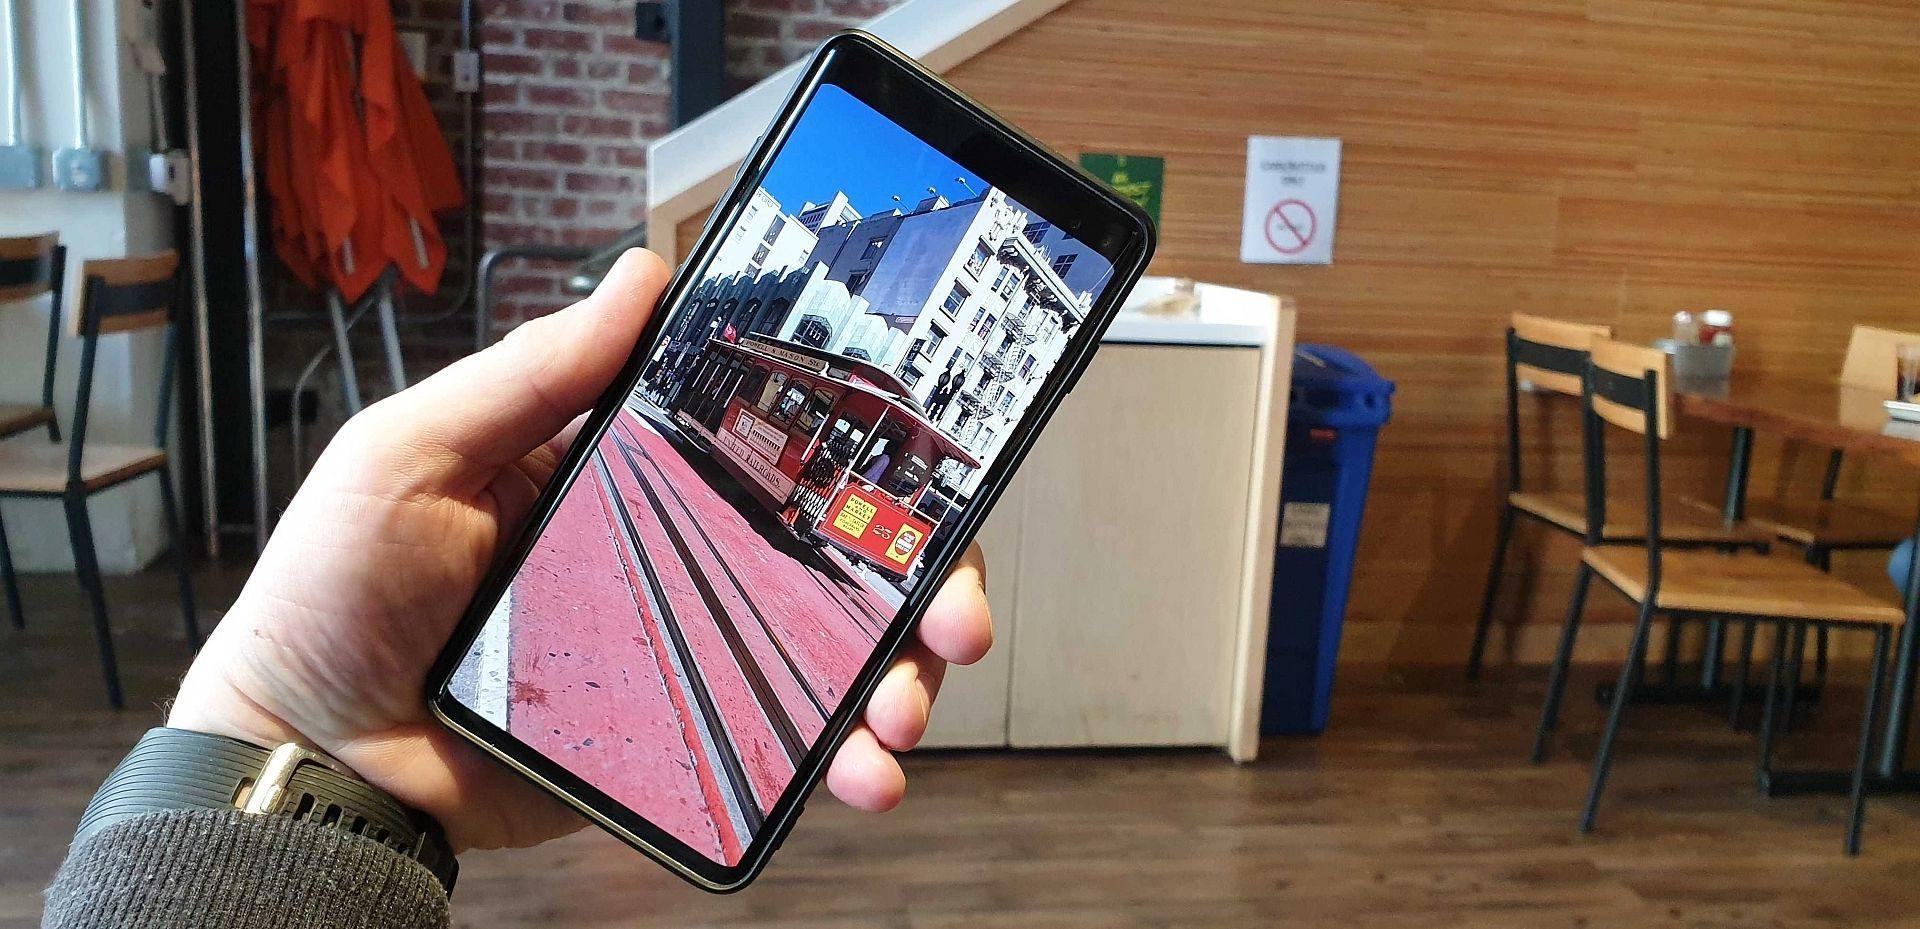 「Galaxy S10」のフロントカメラを隠す(目立たなくする)ためのオプションと設定方法